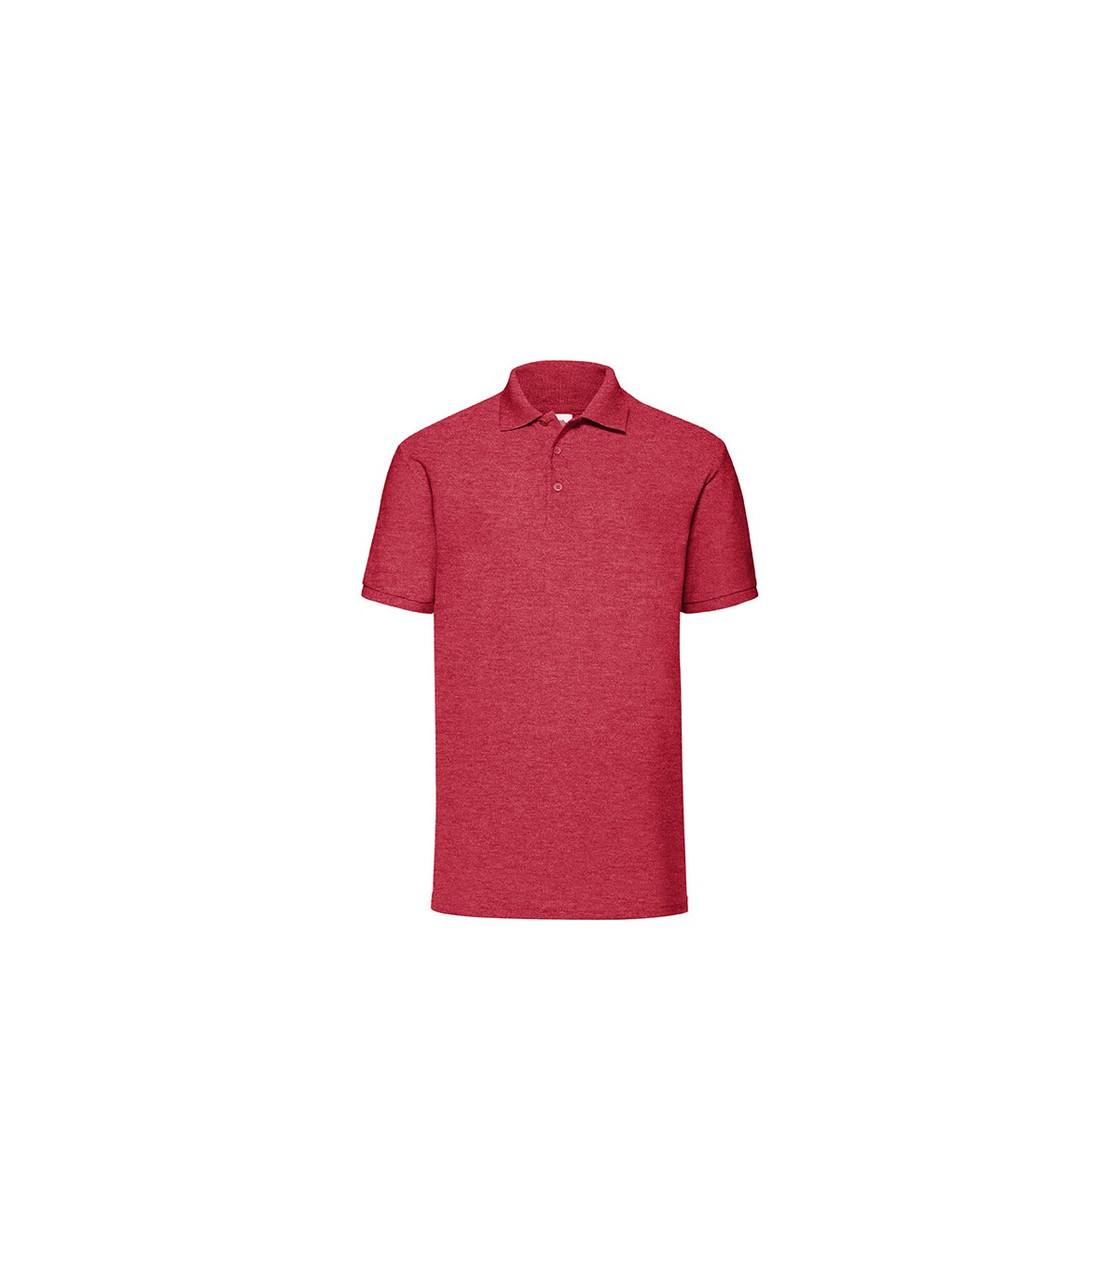 Мужская футболка поло красная меланж 402-VH